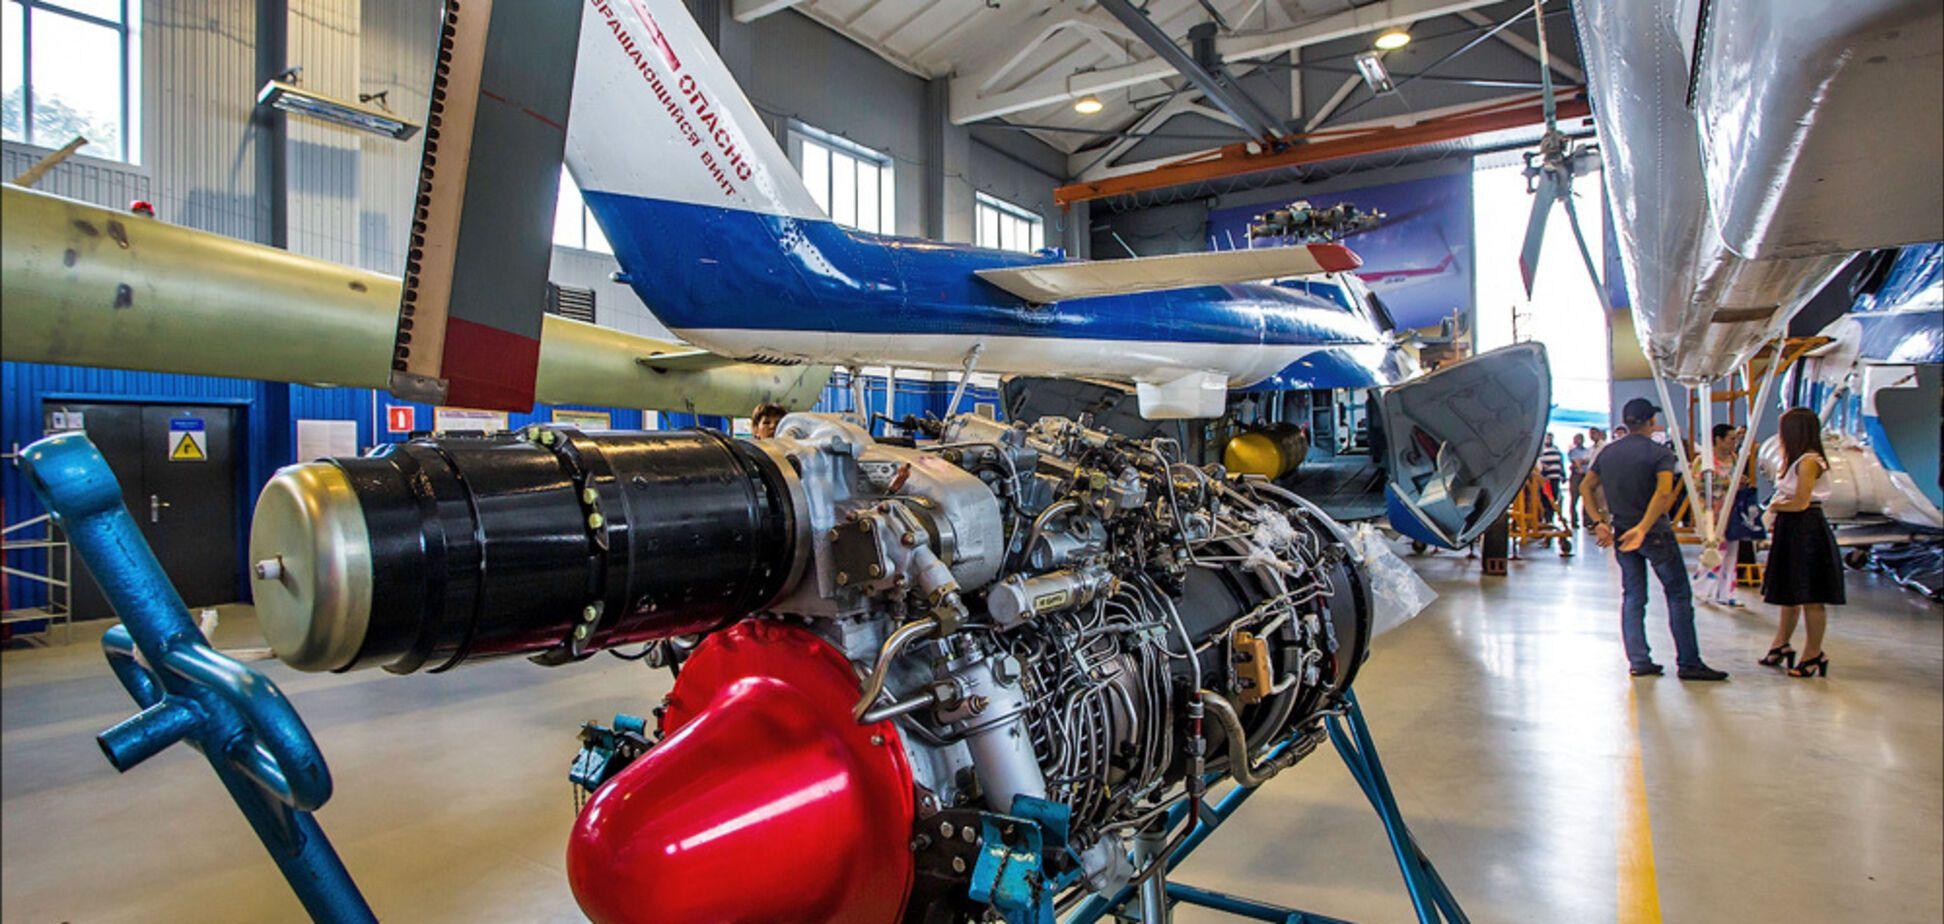 Чиновник 'Мотор Сичи' украл авиадвигатель для сбыта на 'черном' рынке